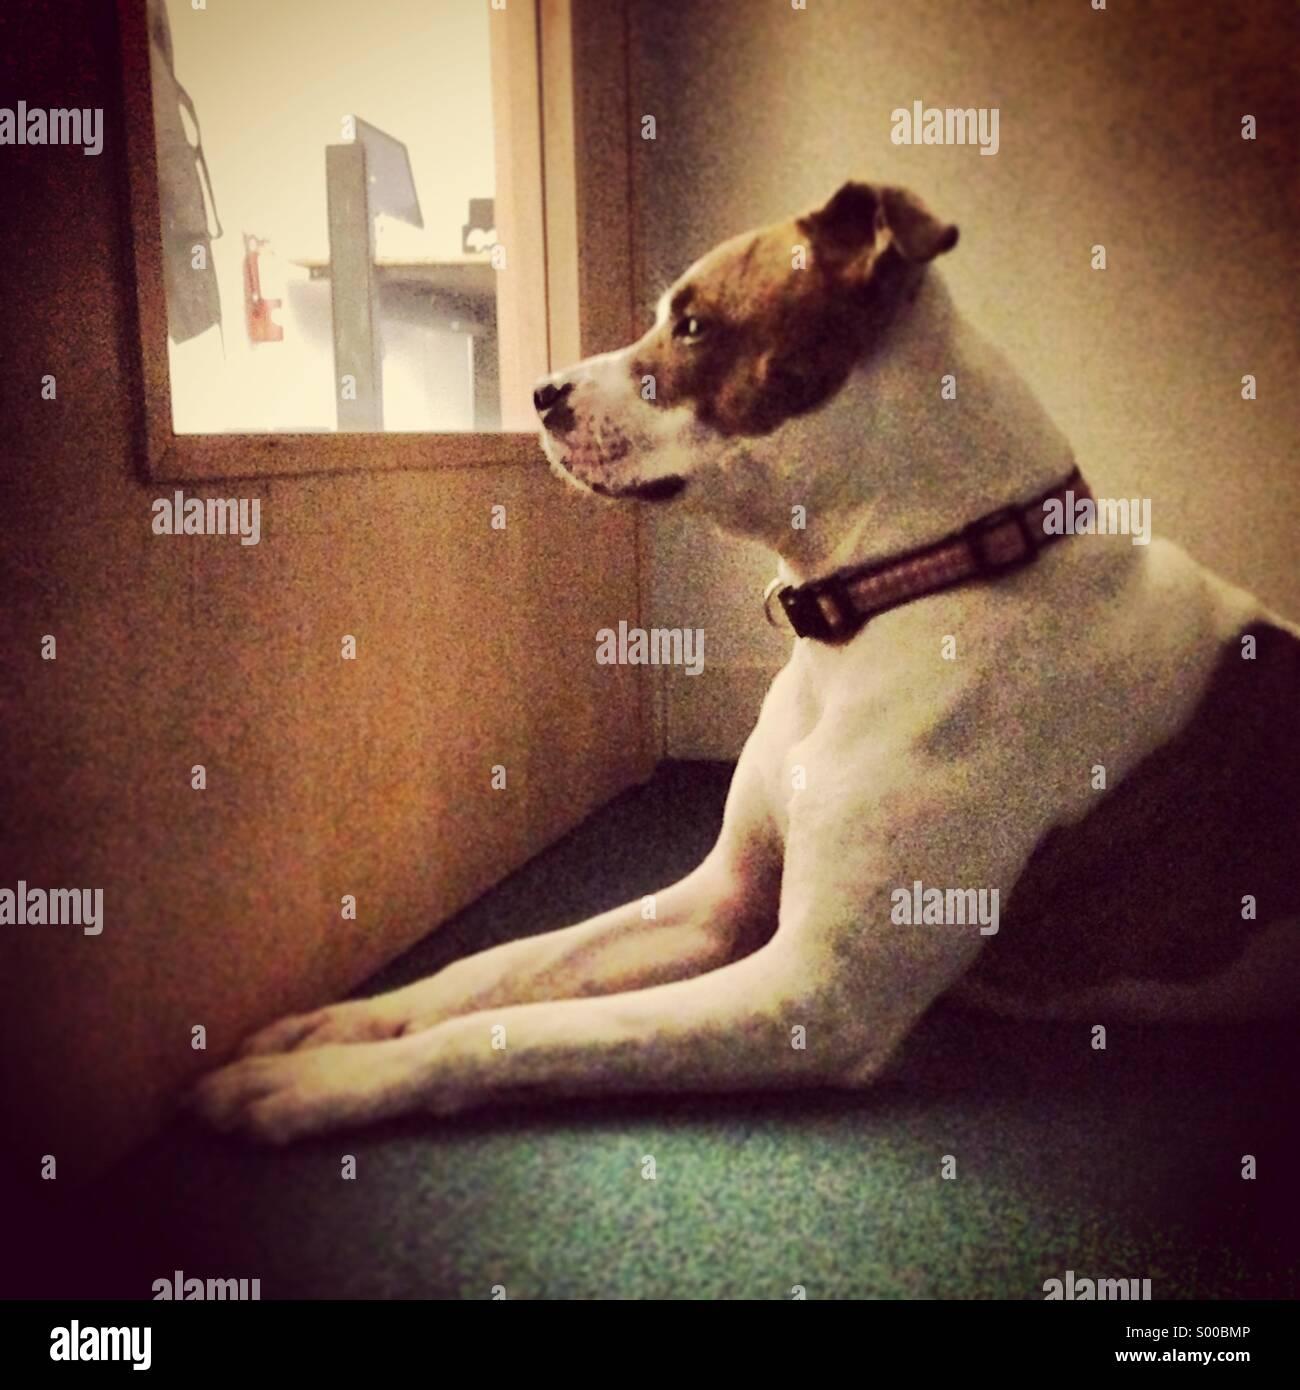 Un pit-bull terrier chien regarde sur une vitre de porte Photo Stock